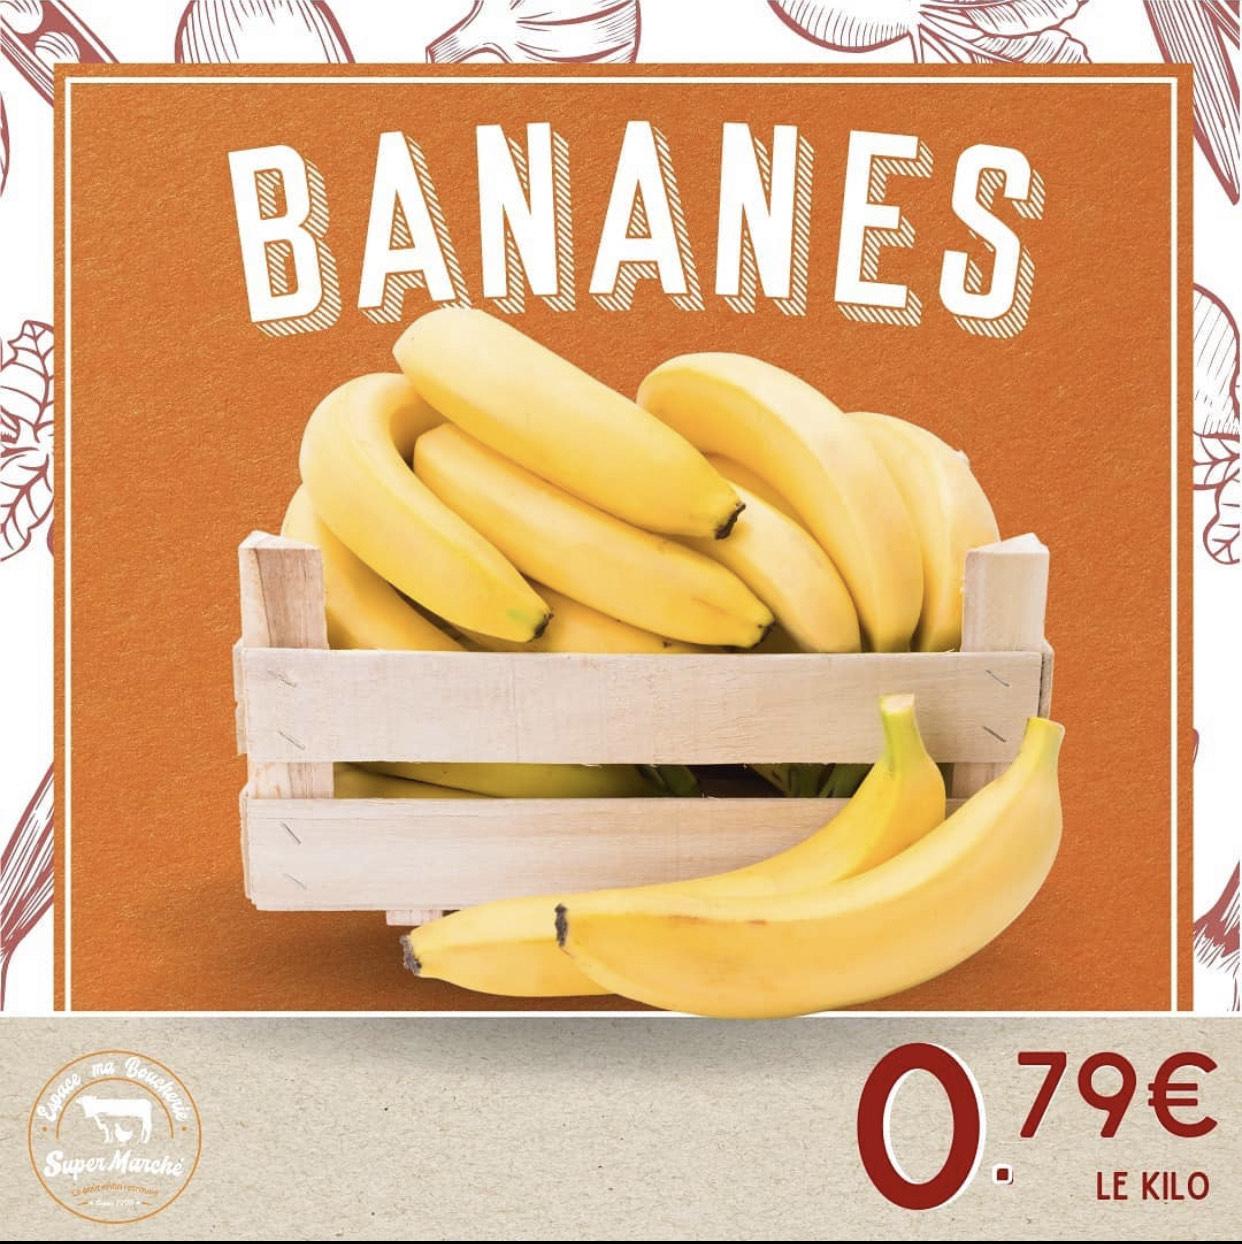 Bananes cavendish (le kilo) - Espace Ma Boucherie Sarcelles (95)